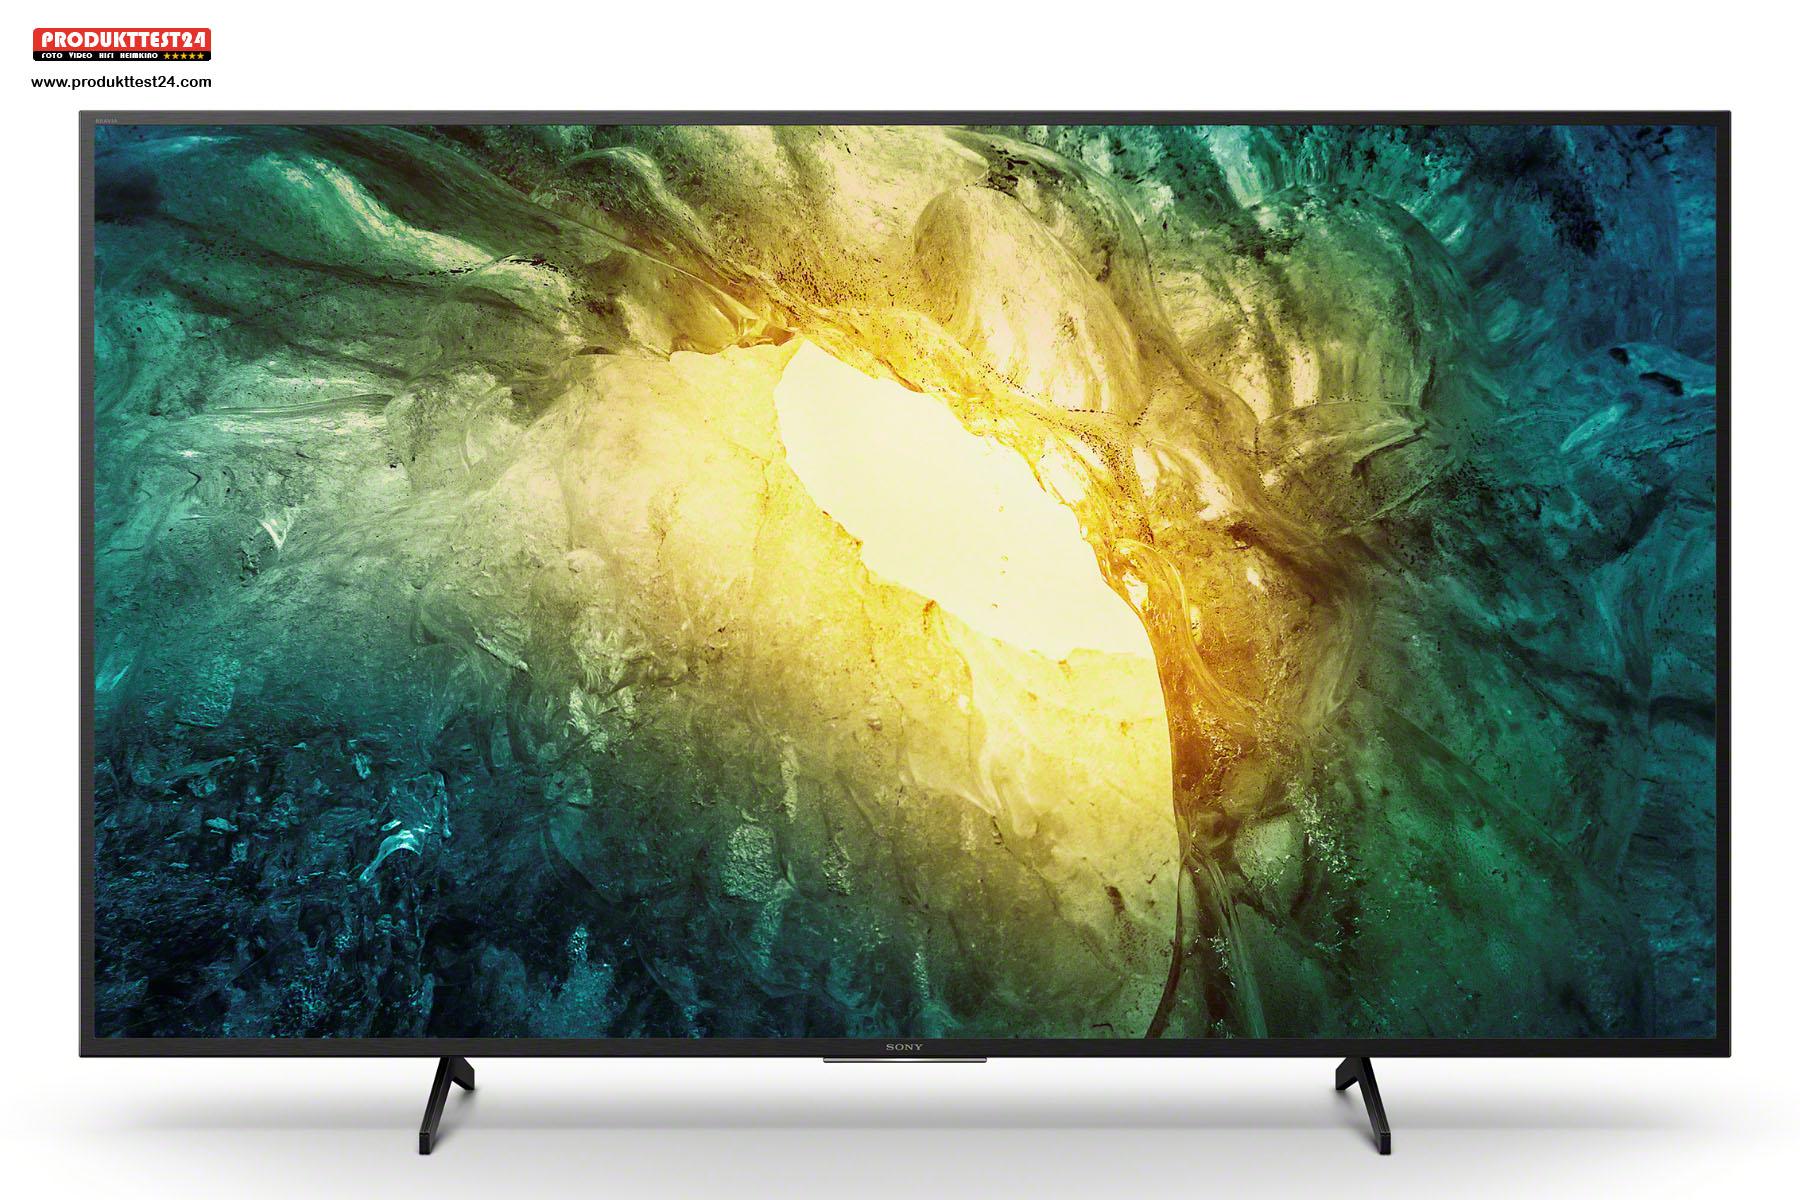 Sony Bravia KD-43X7055 mit Triluminos Display 4K-Auflösung und Linux SmartTV